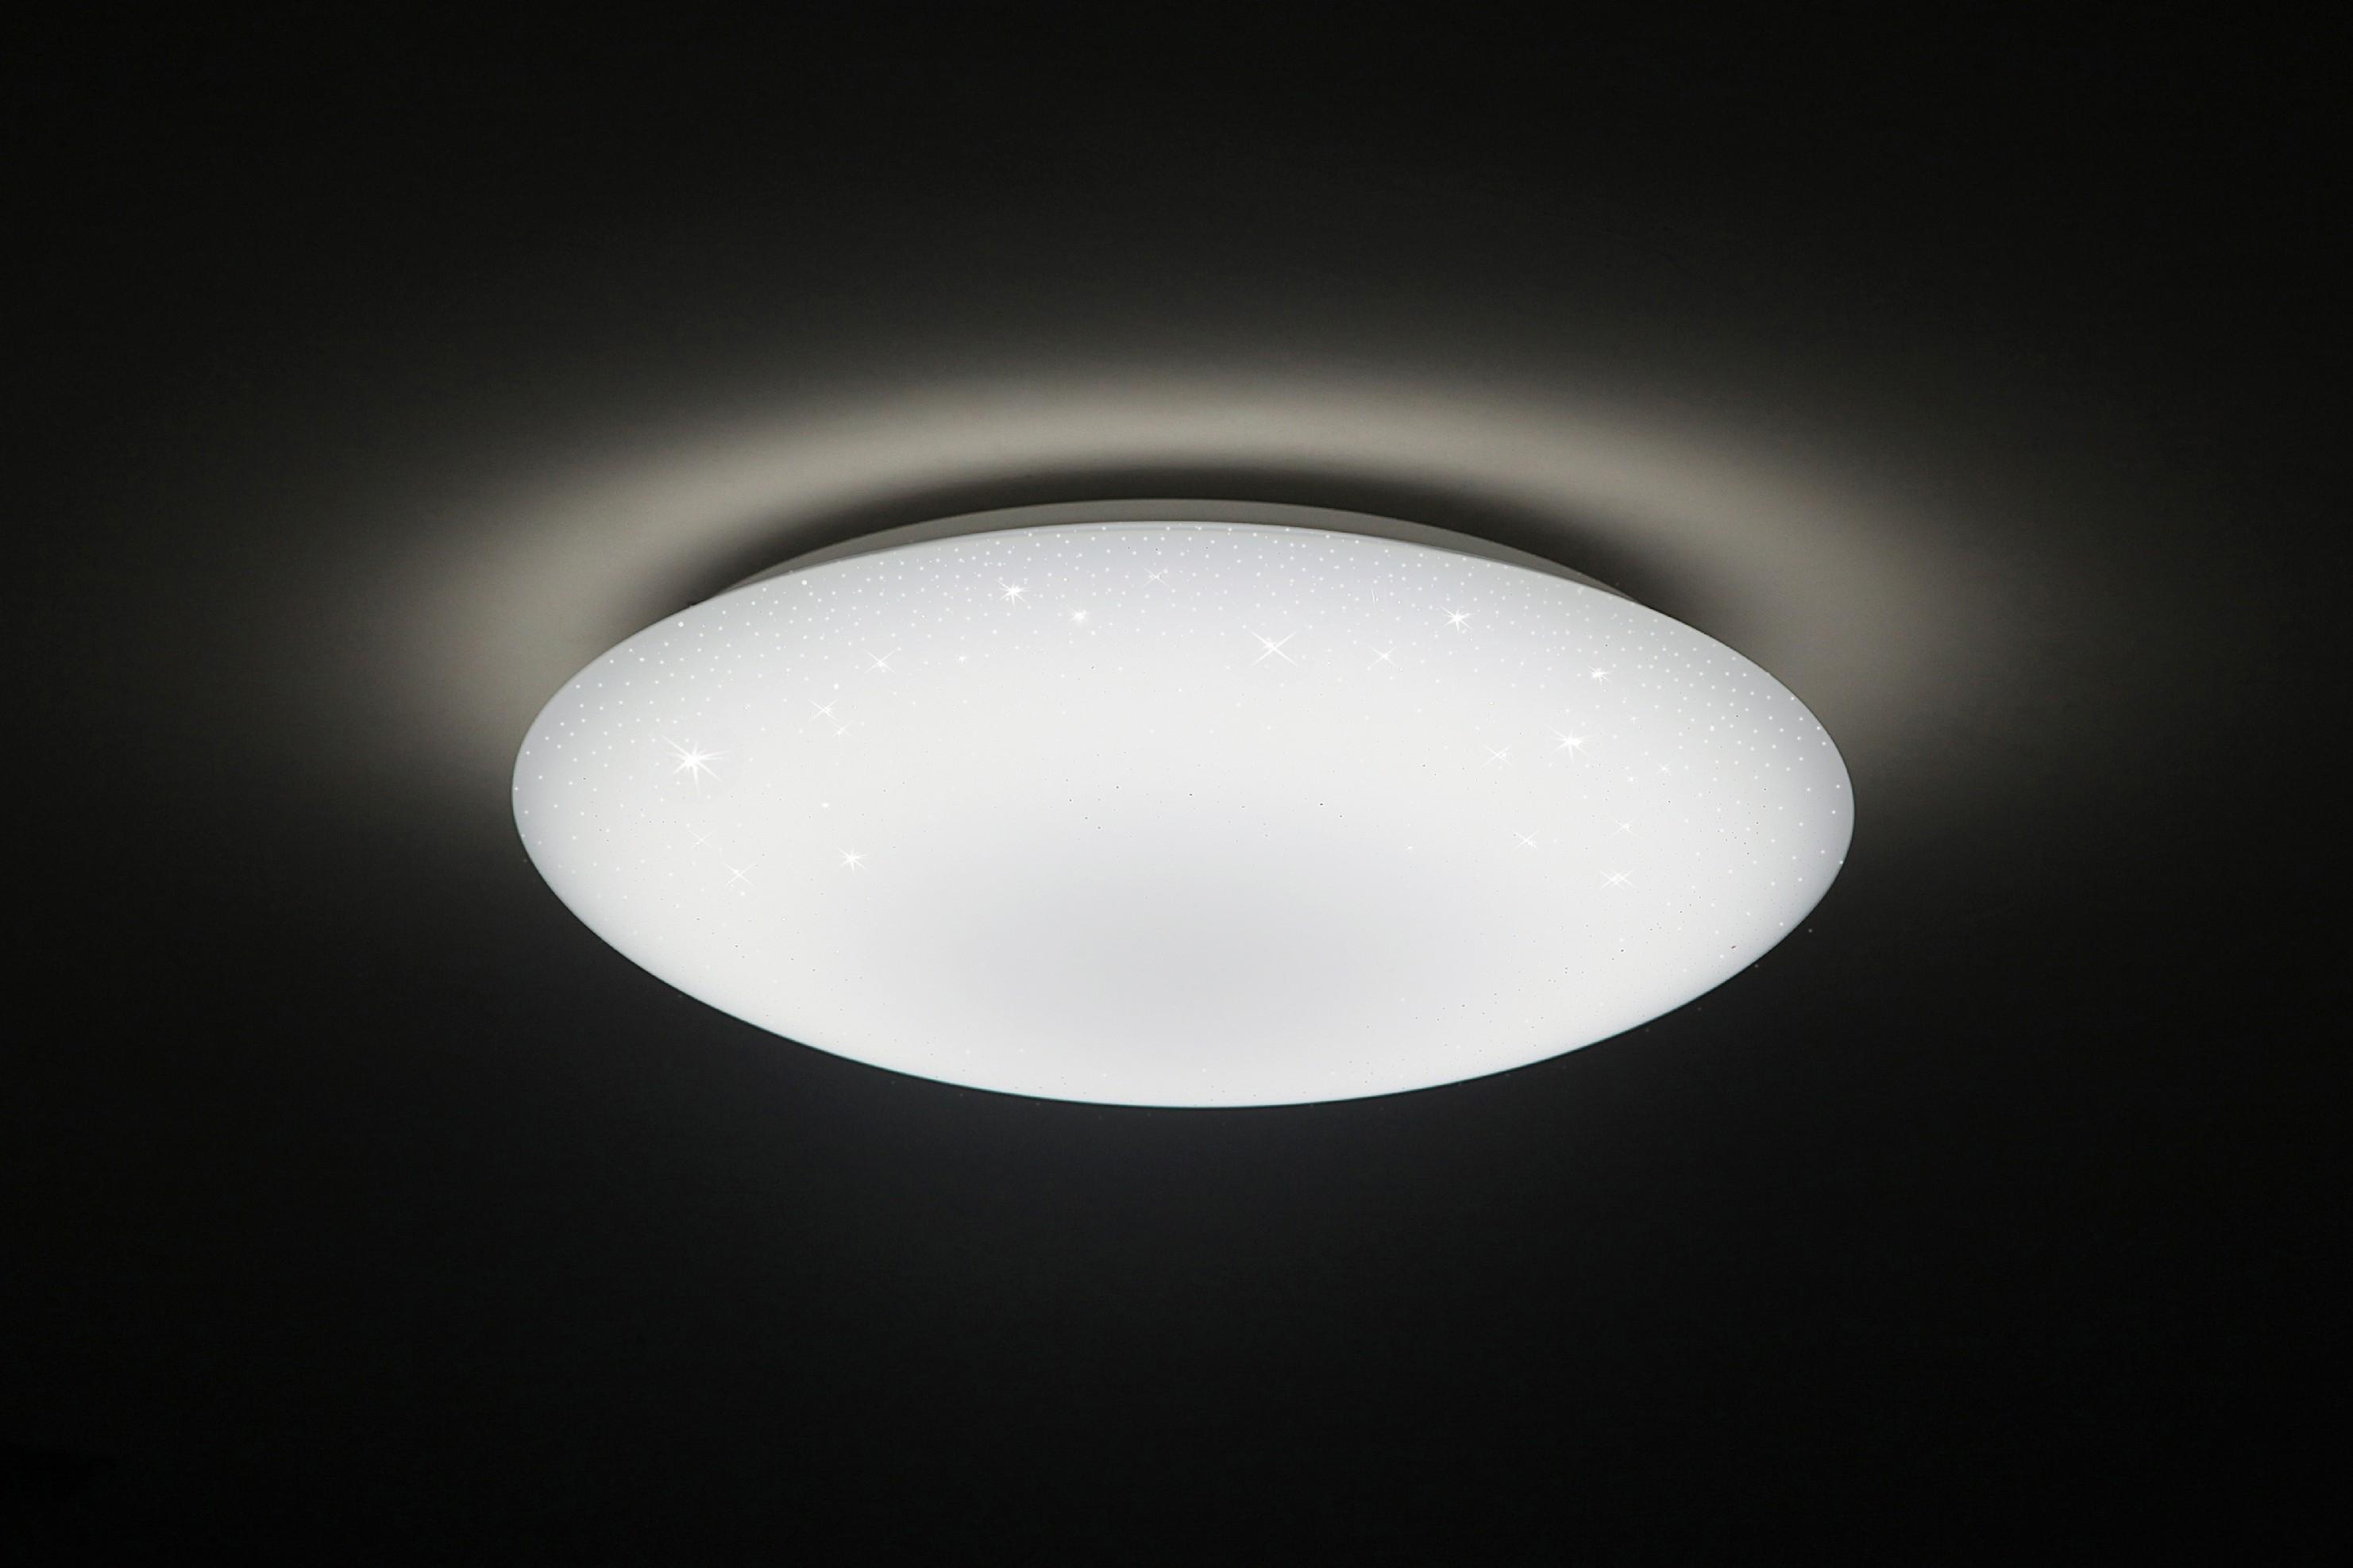 Inteligentní ECO LED svítidlo - Dalen DL-C408TX - Hvězdné nebe (2016) + LED lampička Solight s